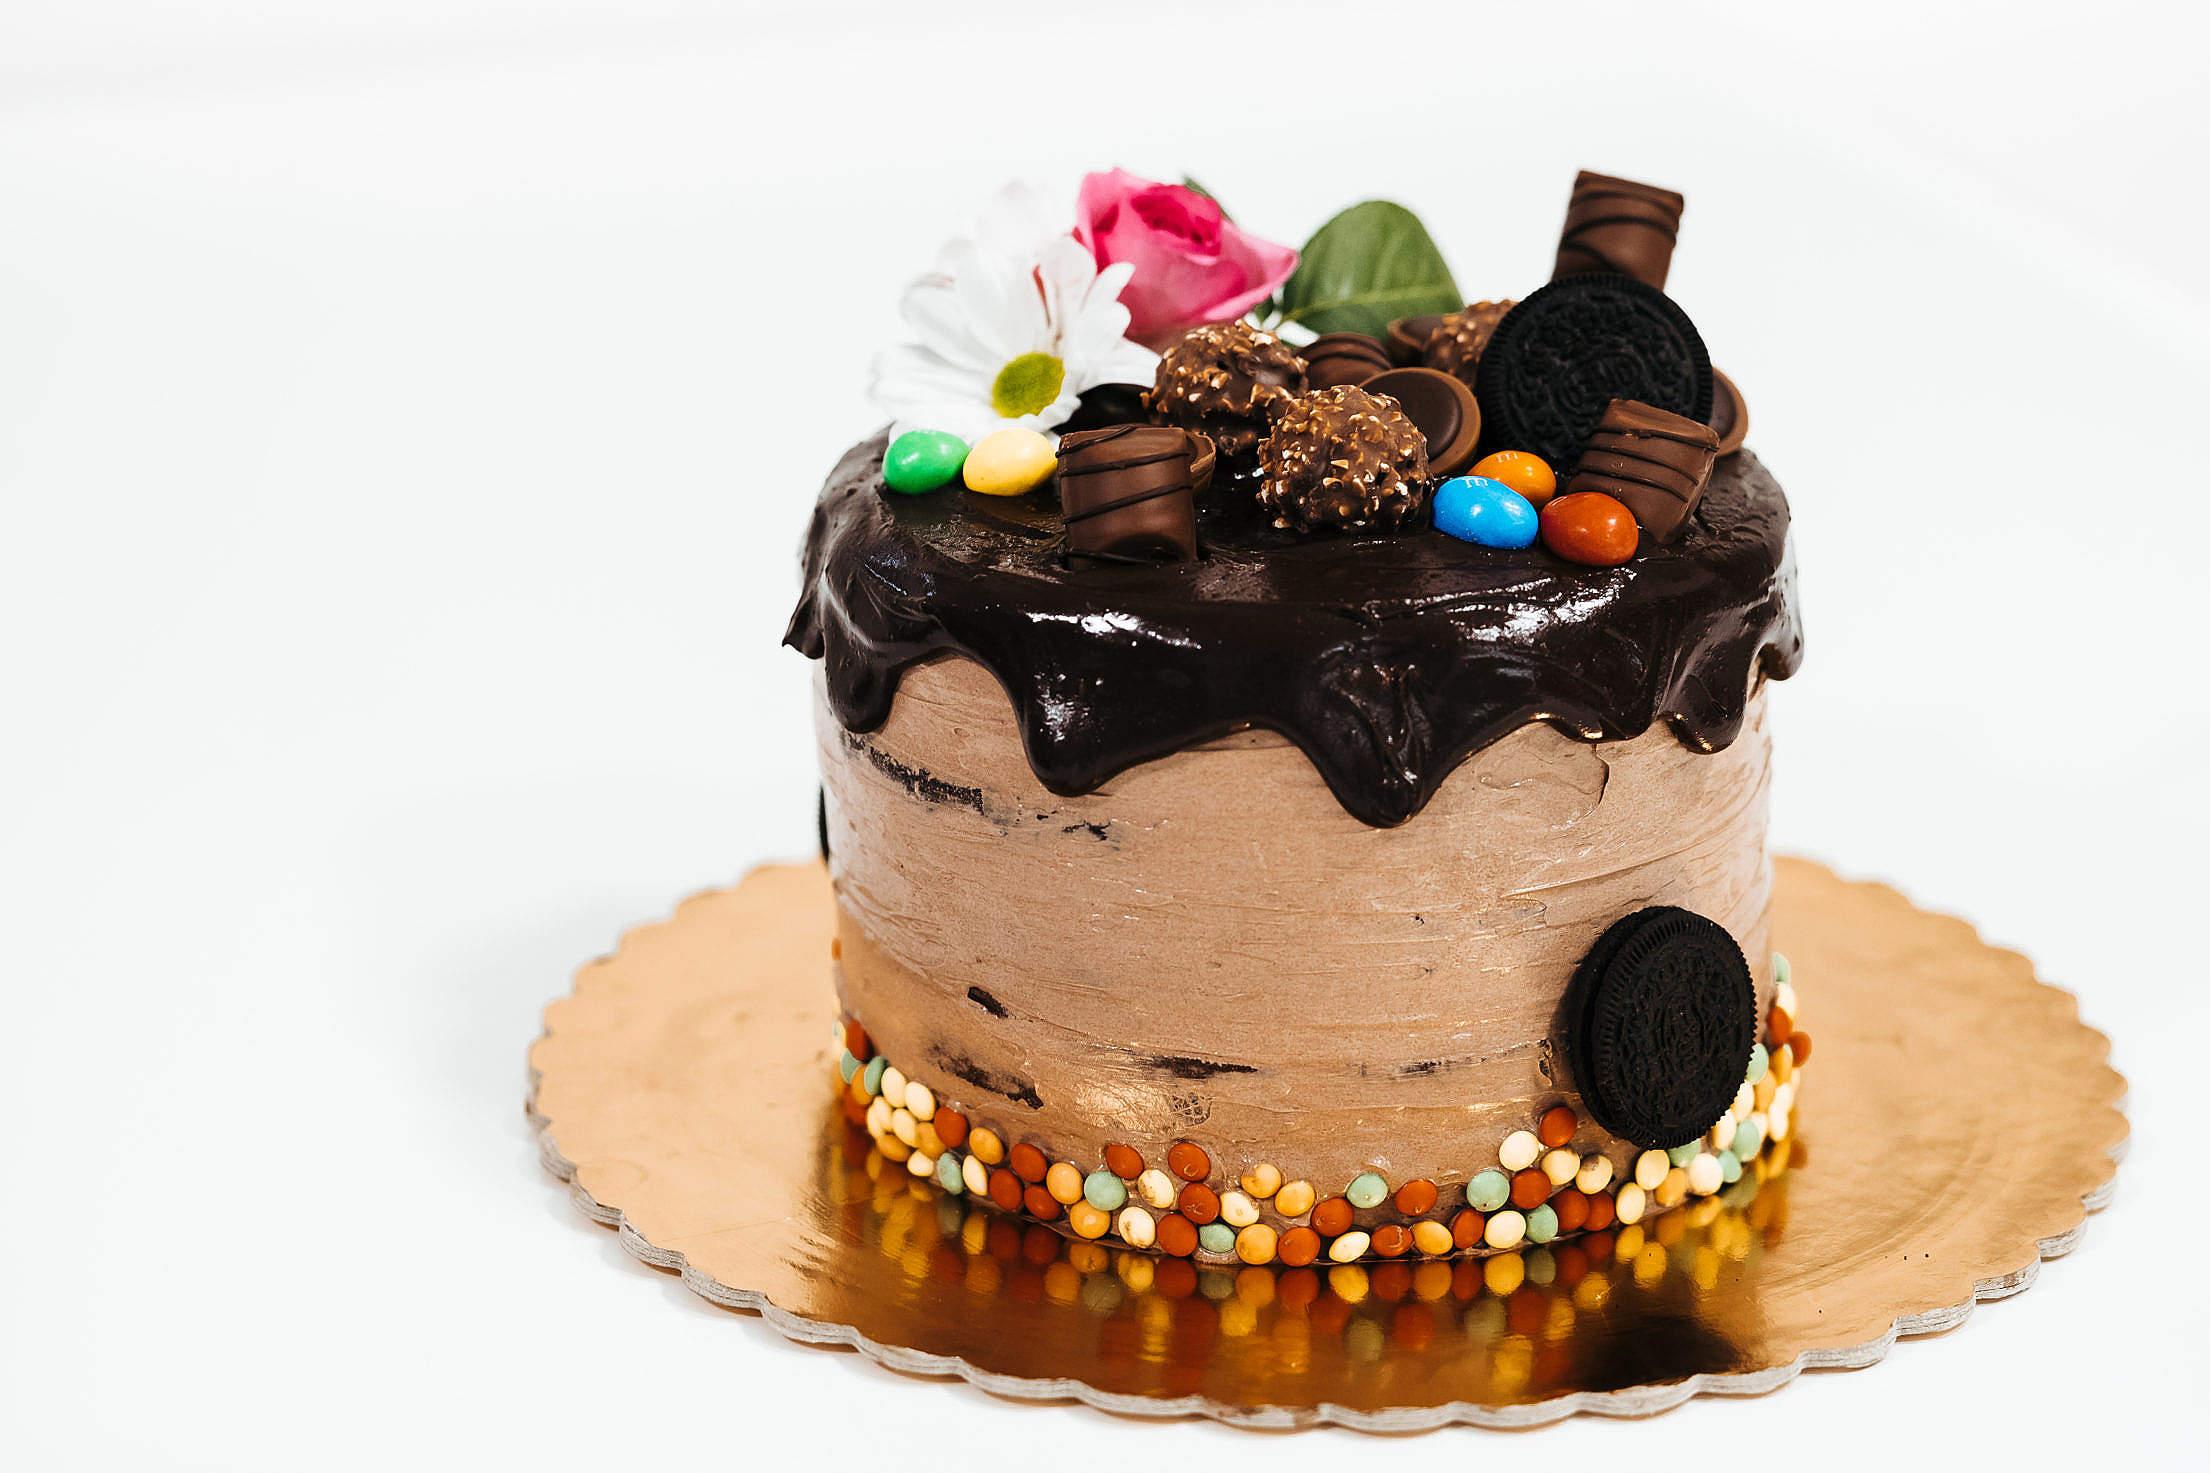 Download Yummy Homemade Birthday Cake Free Stock Photo